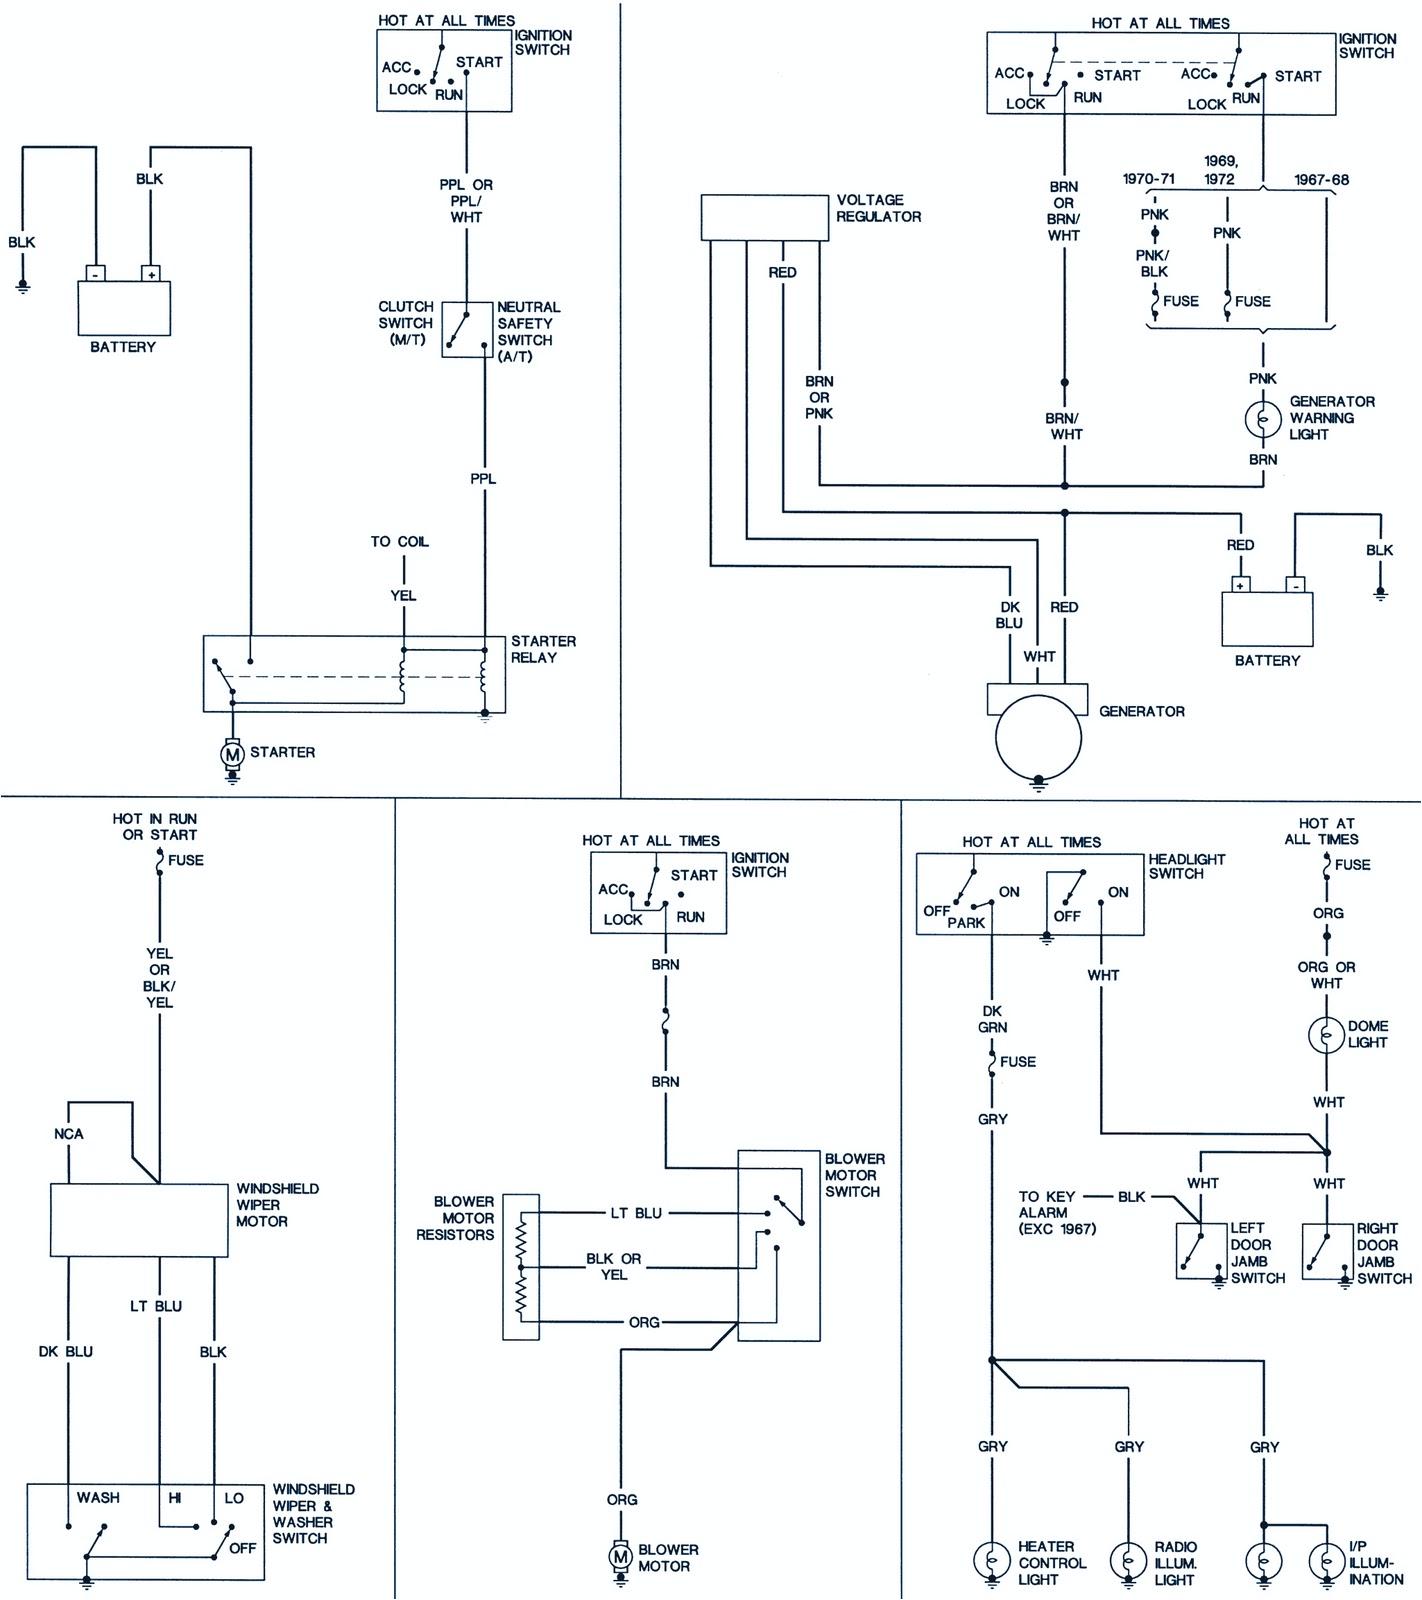 68 camaro wiring harness aftermarket wiring diagram inside 1980 camaro fuse box diagram 1980 camaro fuse diagram